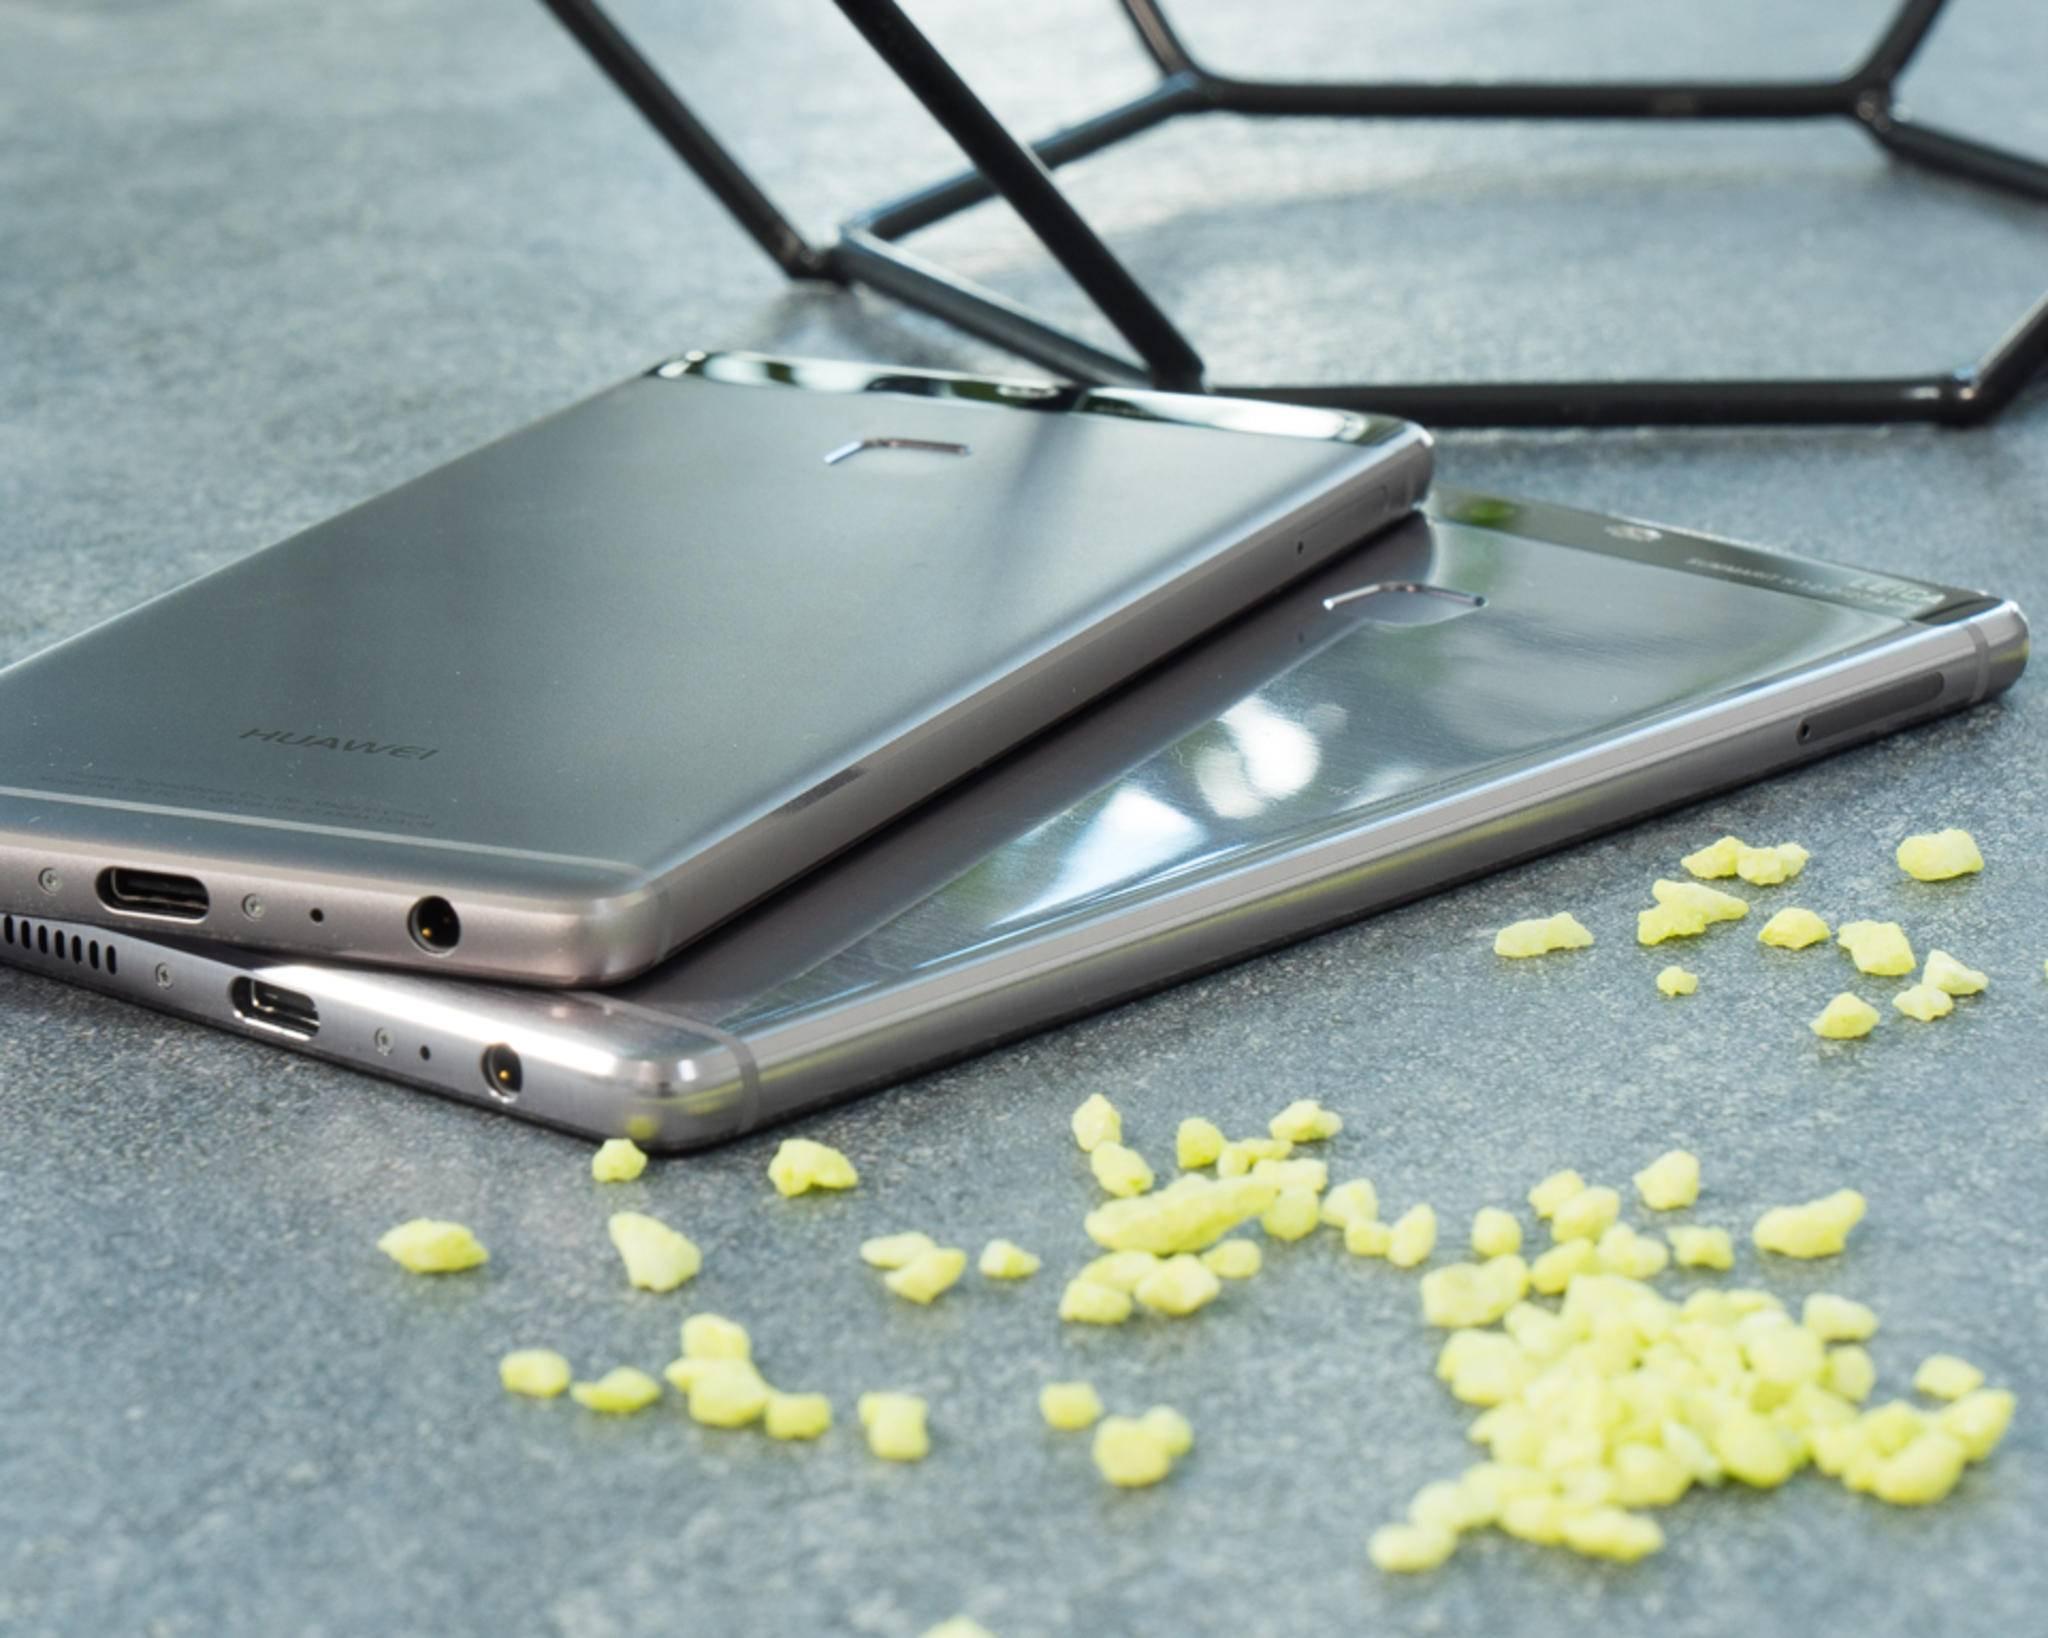 Das Huawei P9 bekommt noch im März ein Update auf Android 7.0 Nougat.